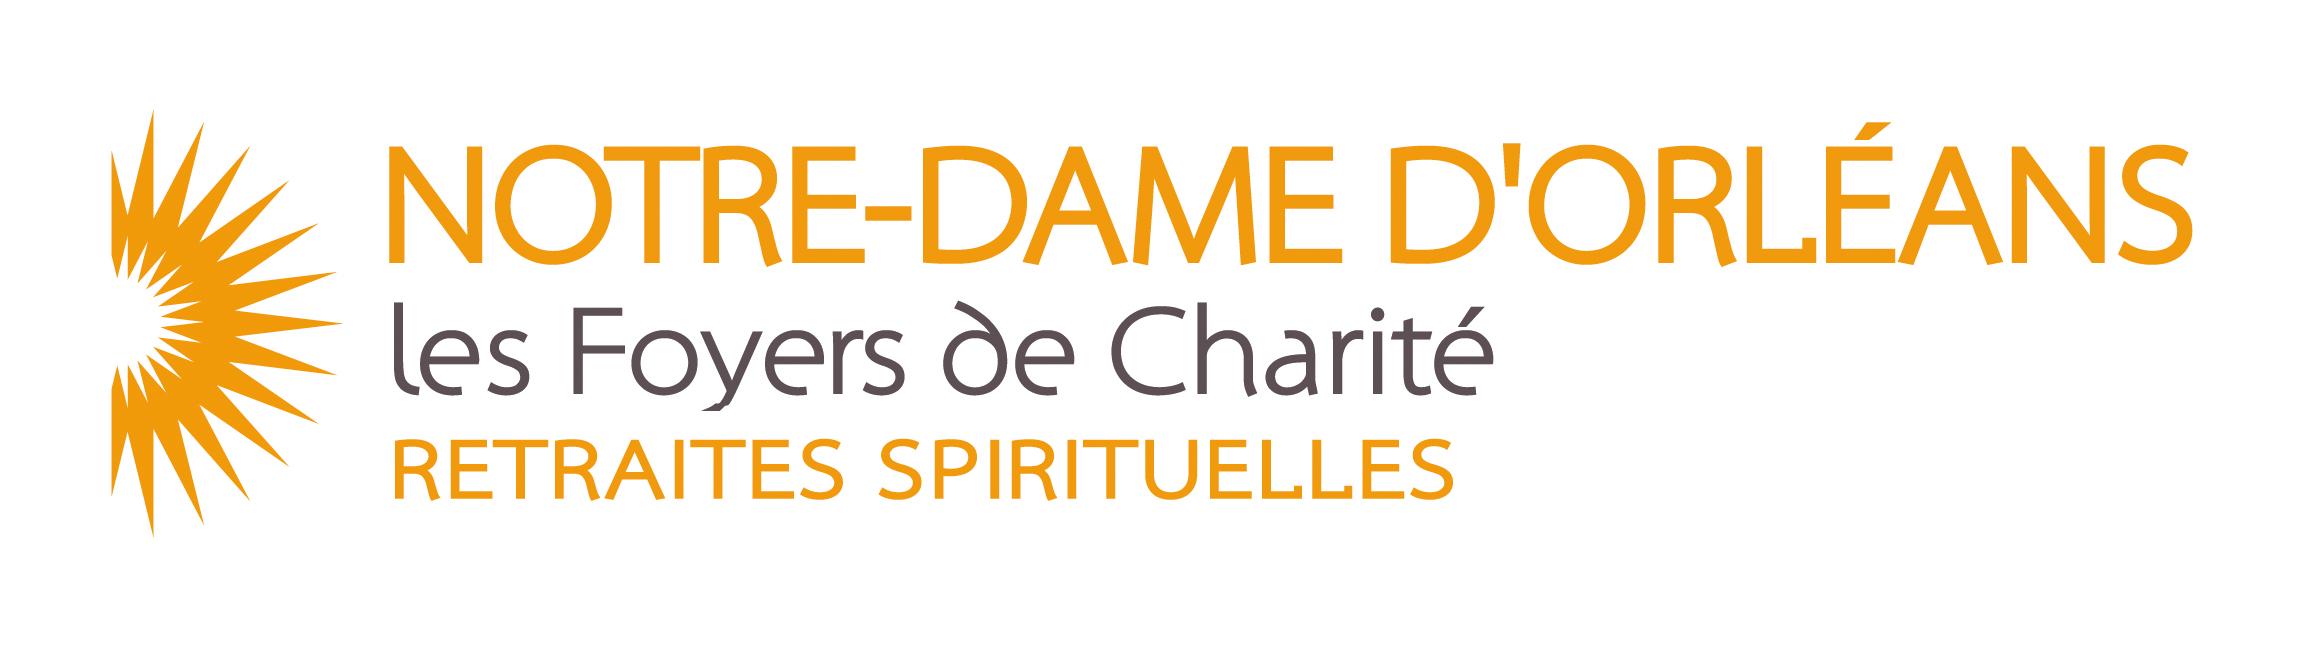 Foyer de Charité Notre-Dame d'Orléans